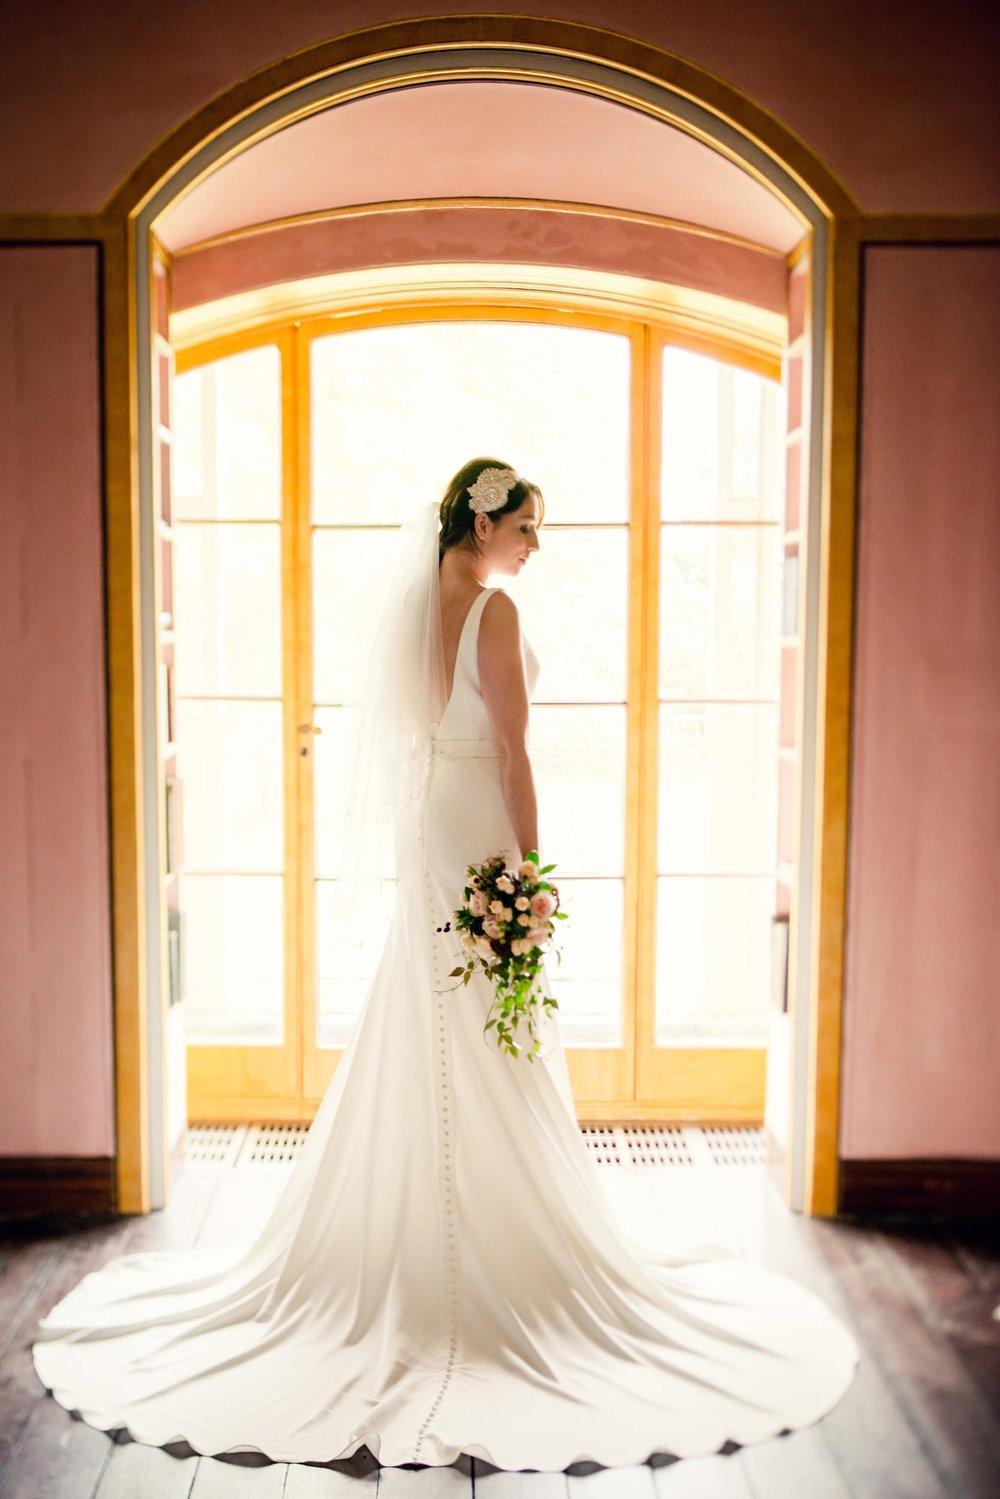 Claire Lau Photography Moggerhanger 069.jpg